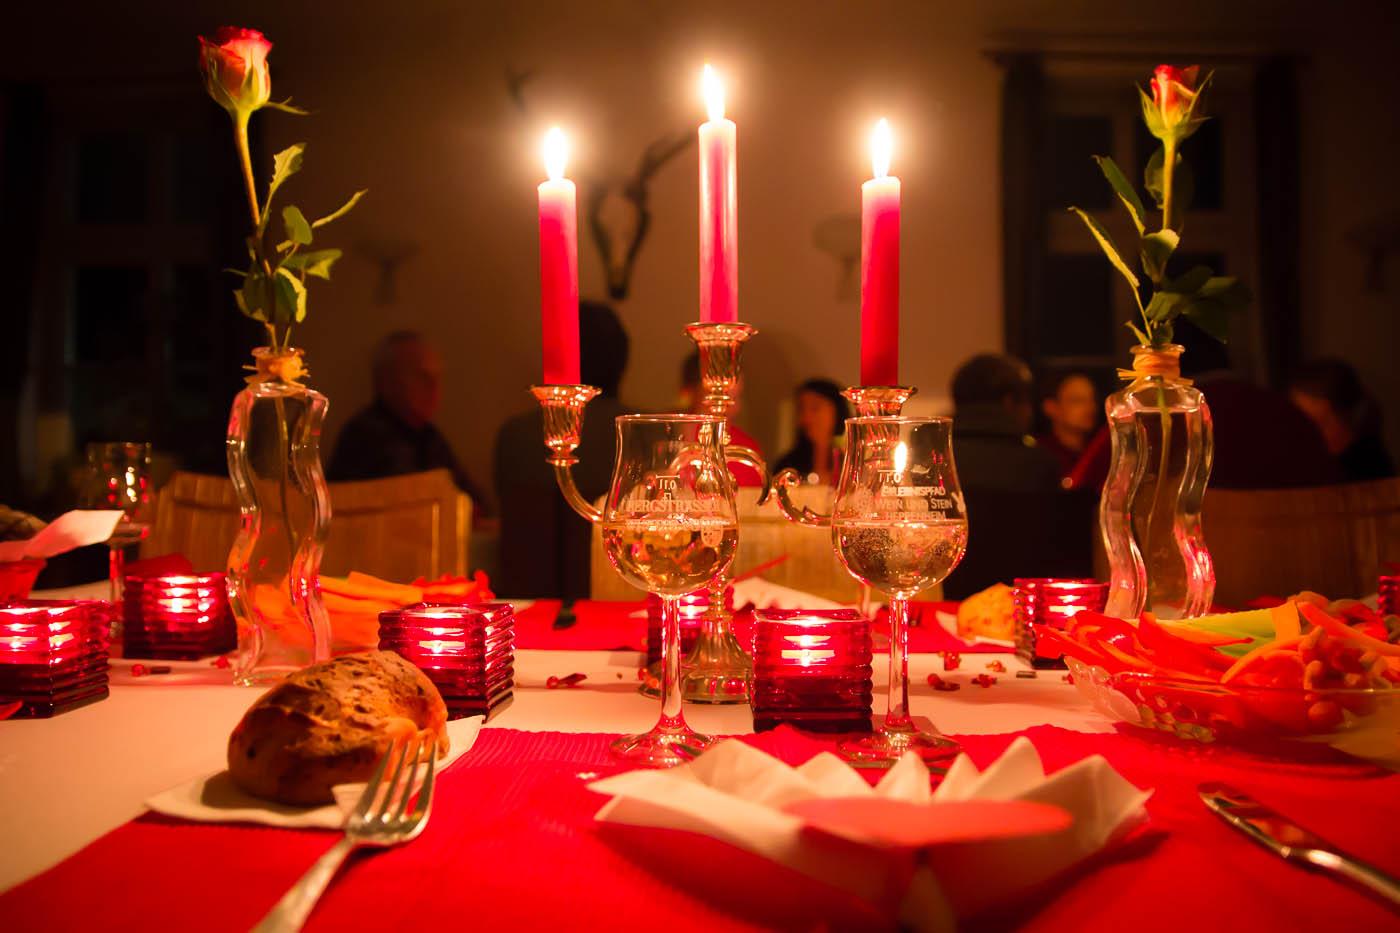 Weinprobe Bensheim Valentinstag (4) Romantische Weinprobe In Bensheim Am  Valentinstag